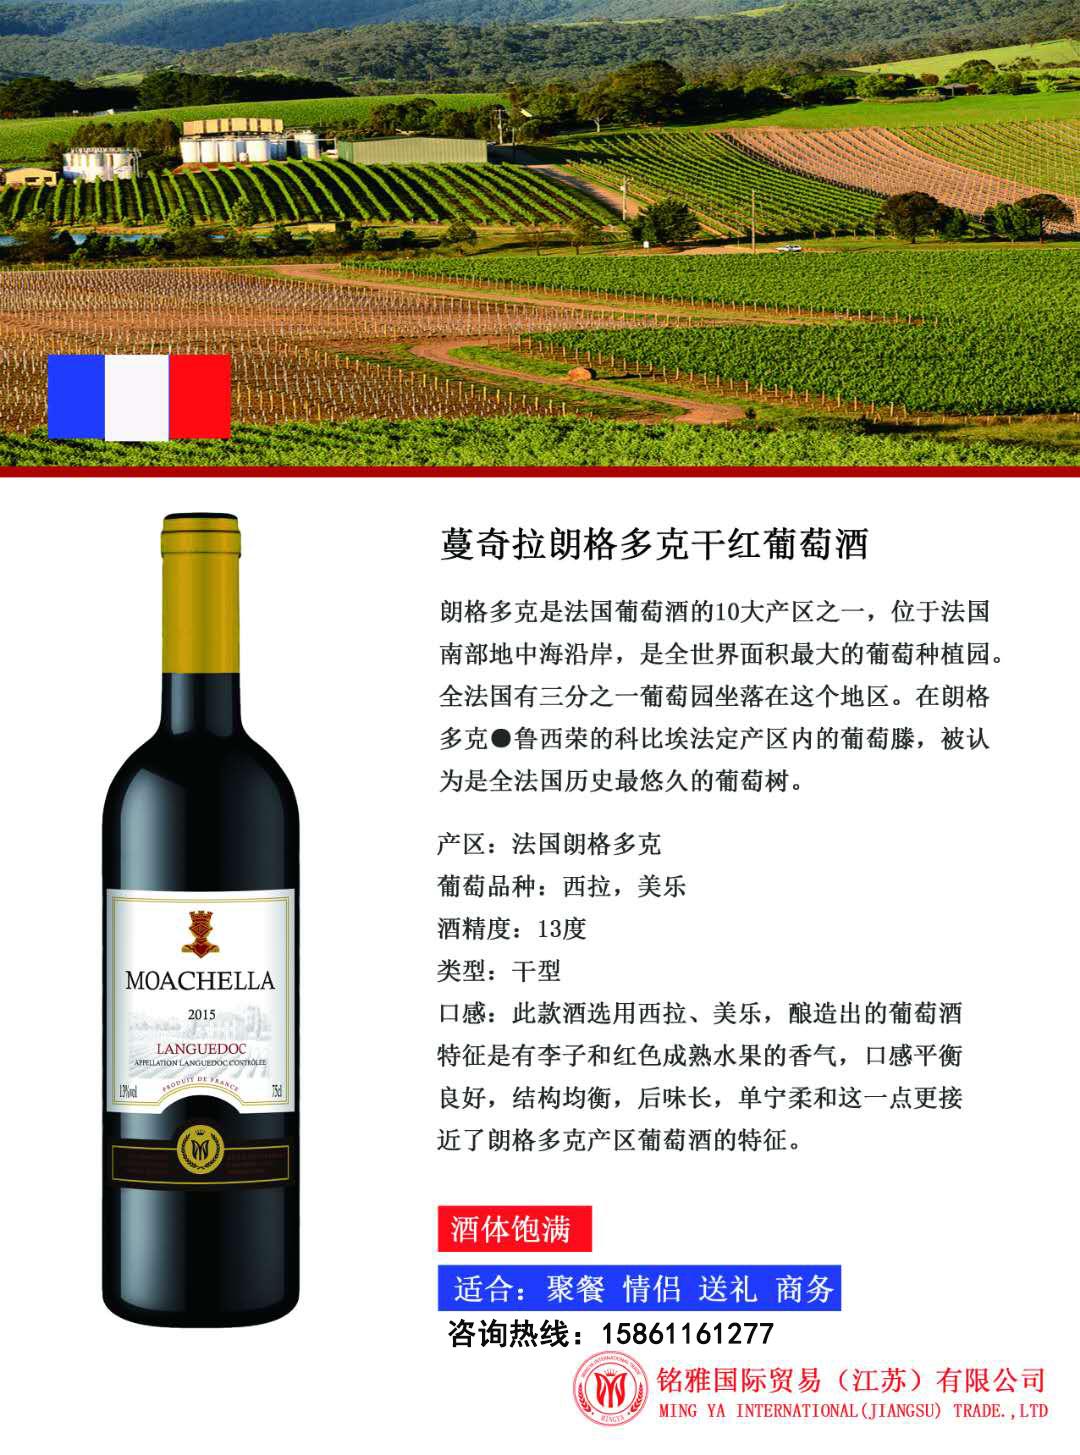 蔓奇拉郎格多克干红葡萄酒厂家直销 干红葡萄酒生产厂家 干红葡萄酒制造商 干红葡萄酒价格